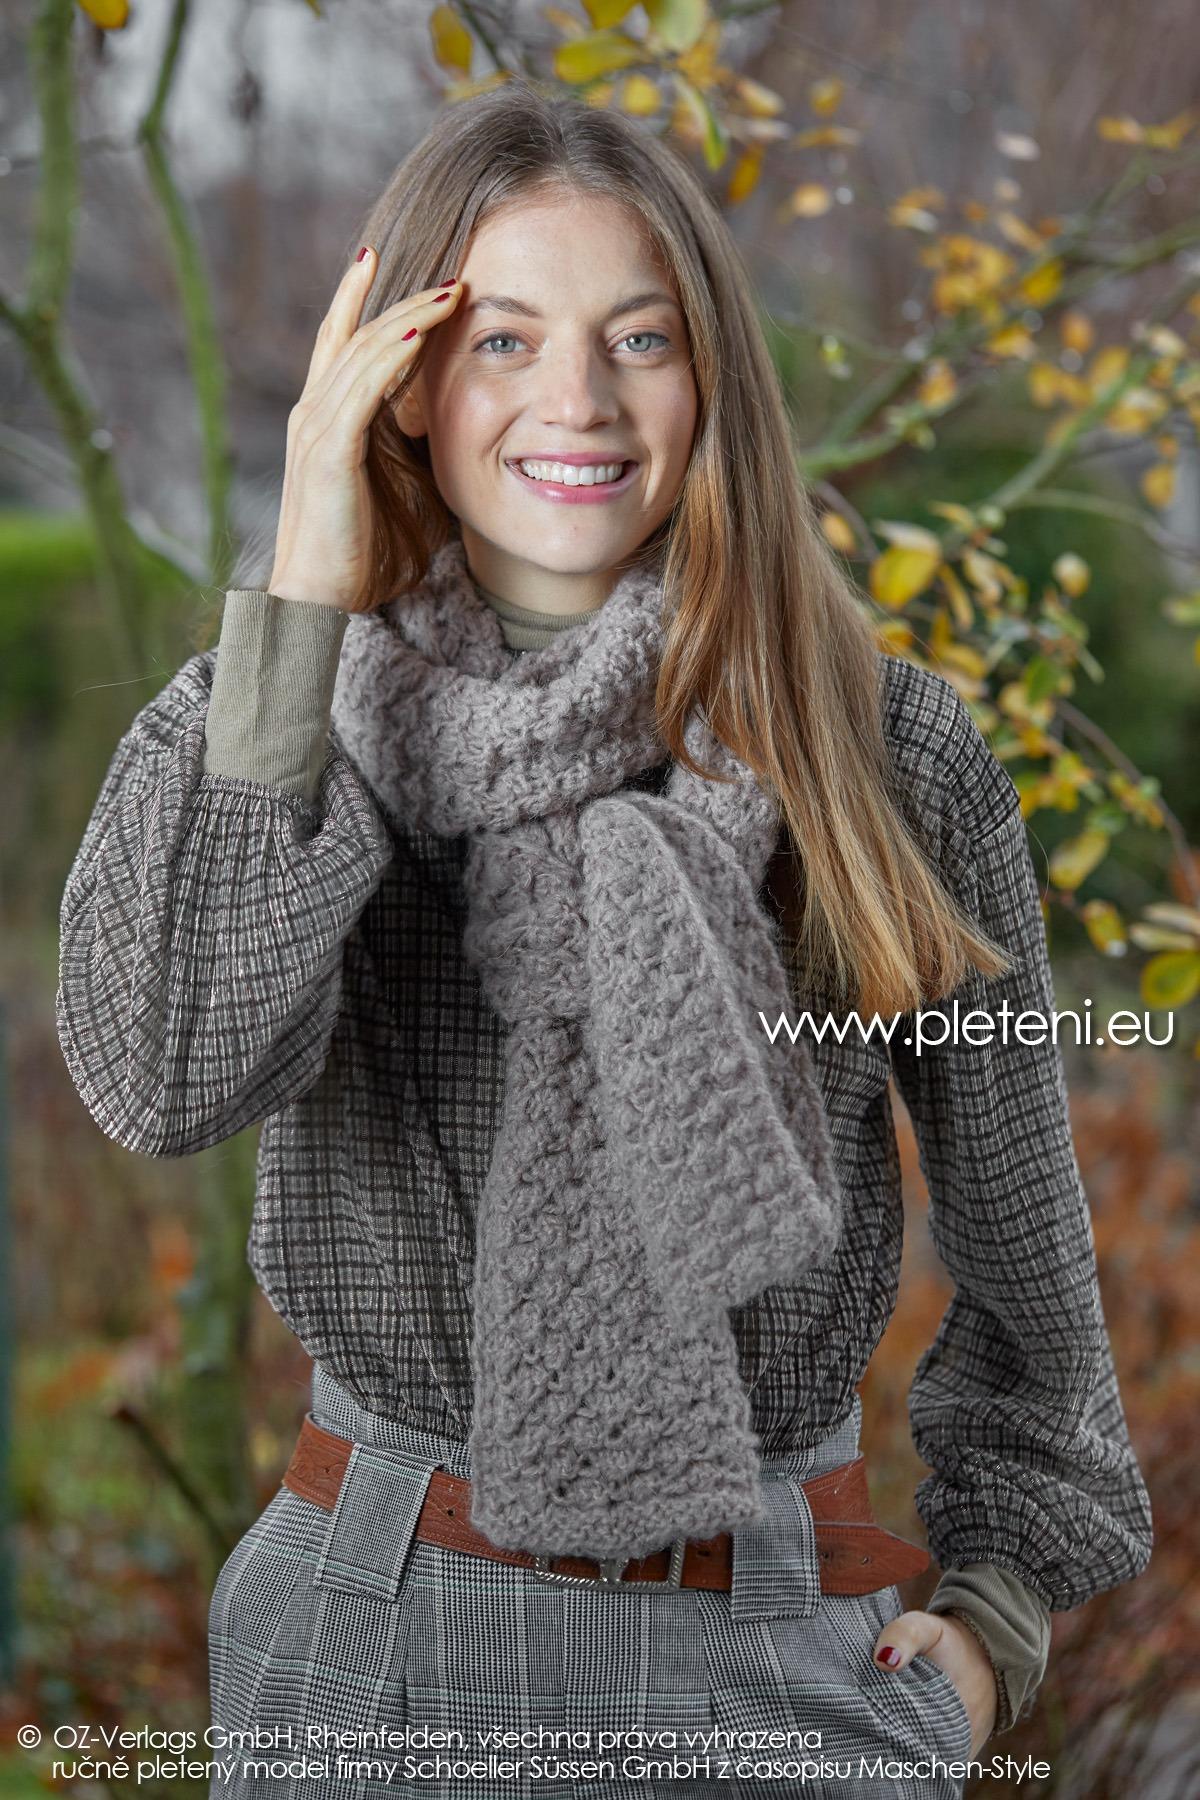 2019-Z-24 pletená dámská šála z příze Alpaca Fluffy značky Austermann